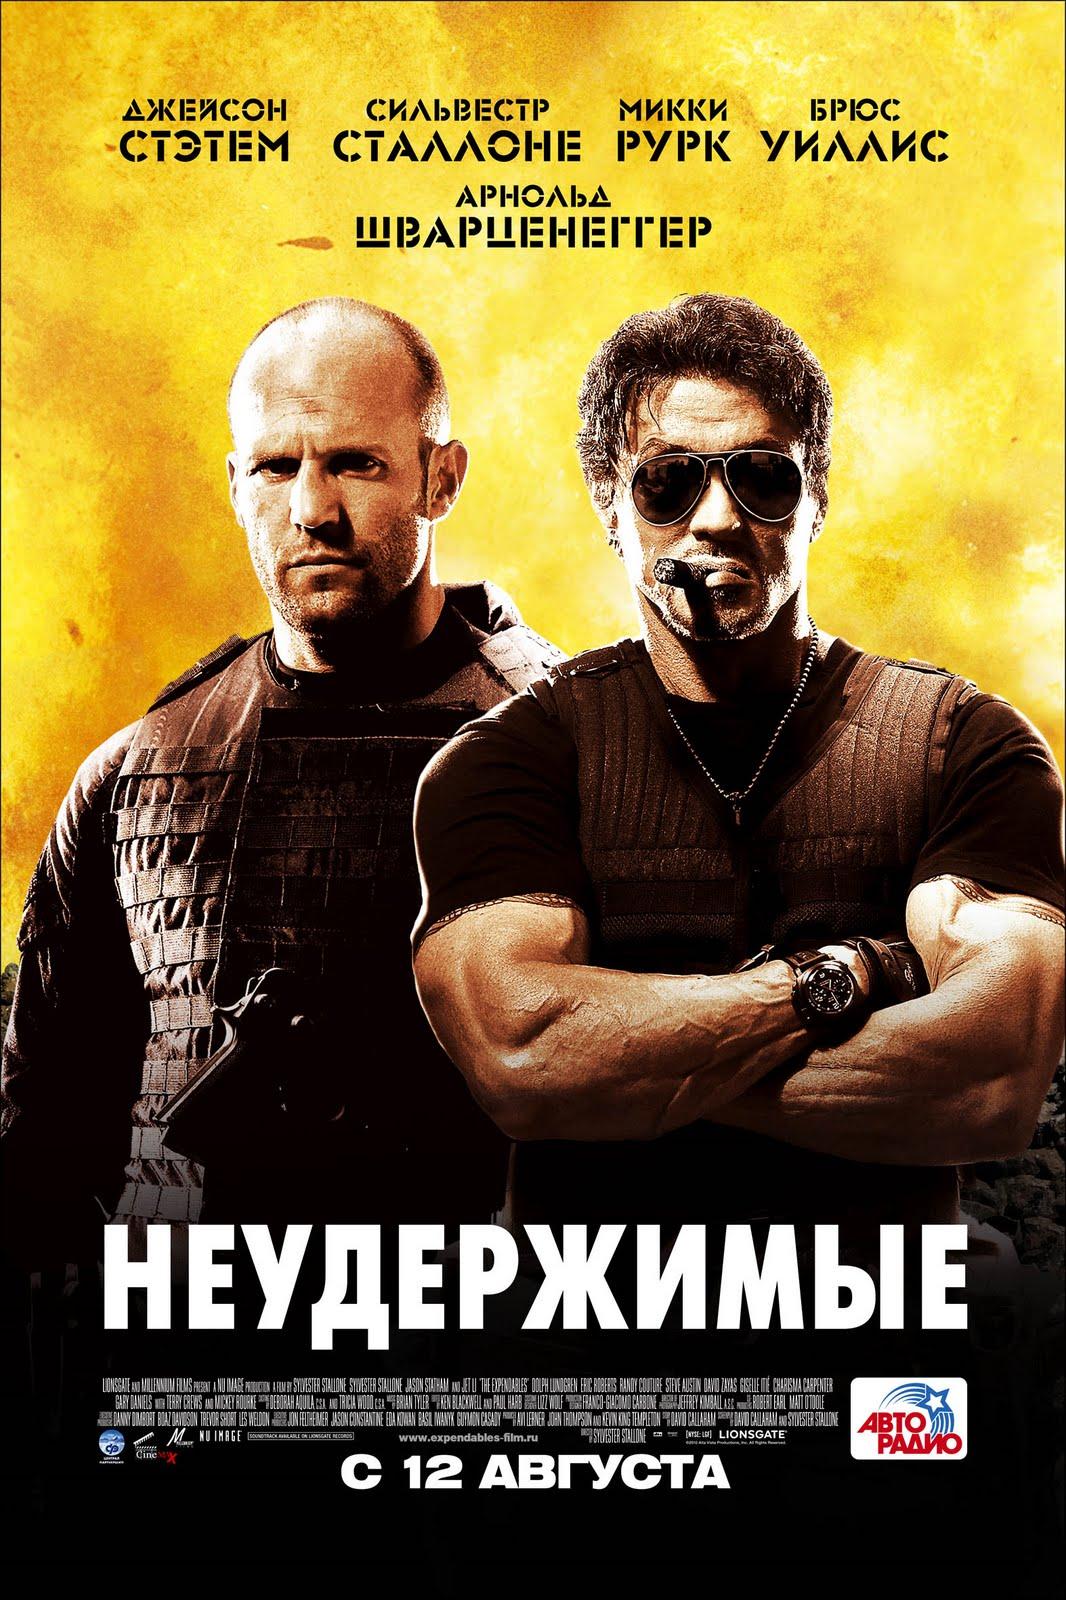 http://2.bp.blogspot.com/_moT5-ewx5bs/TIri_VXMthI/AAAAAAAABeE/4Y-G1Dw9AJM/s1600/poster-rusia.jpg